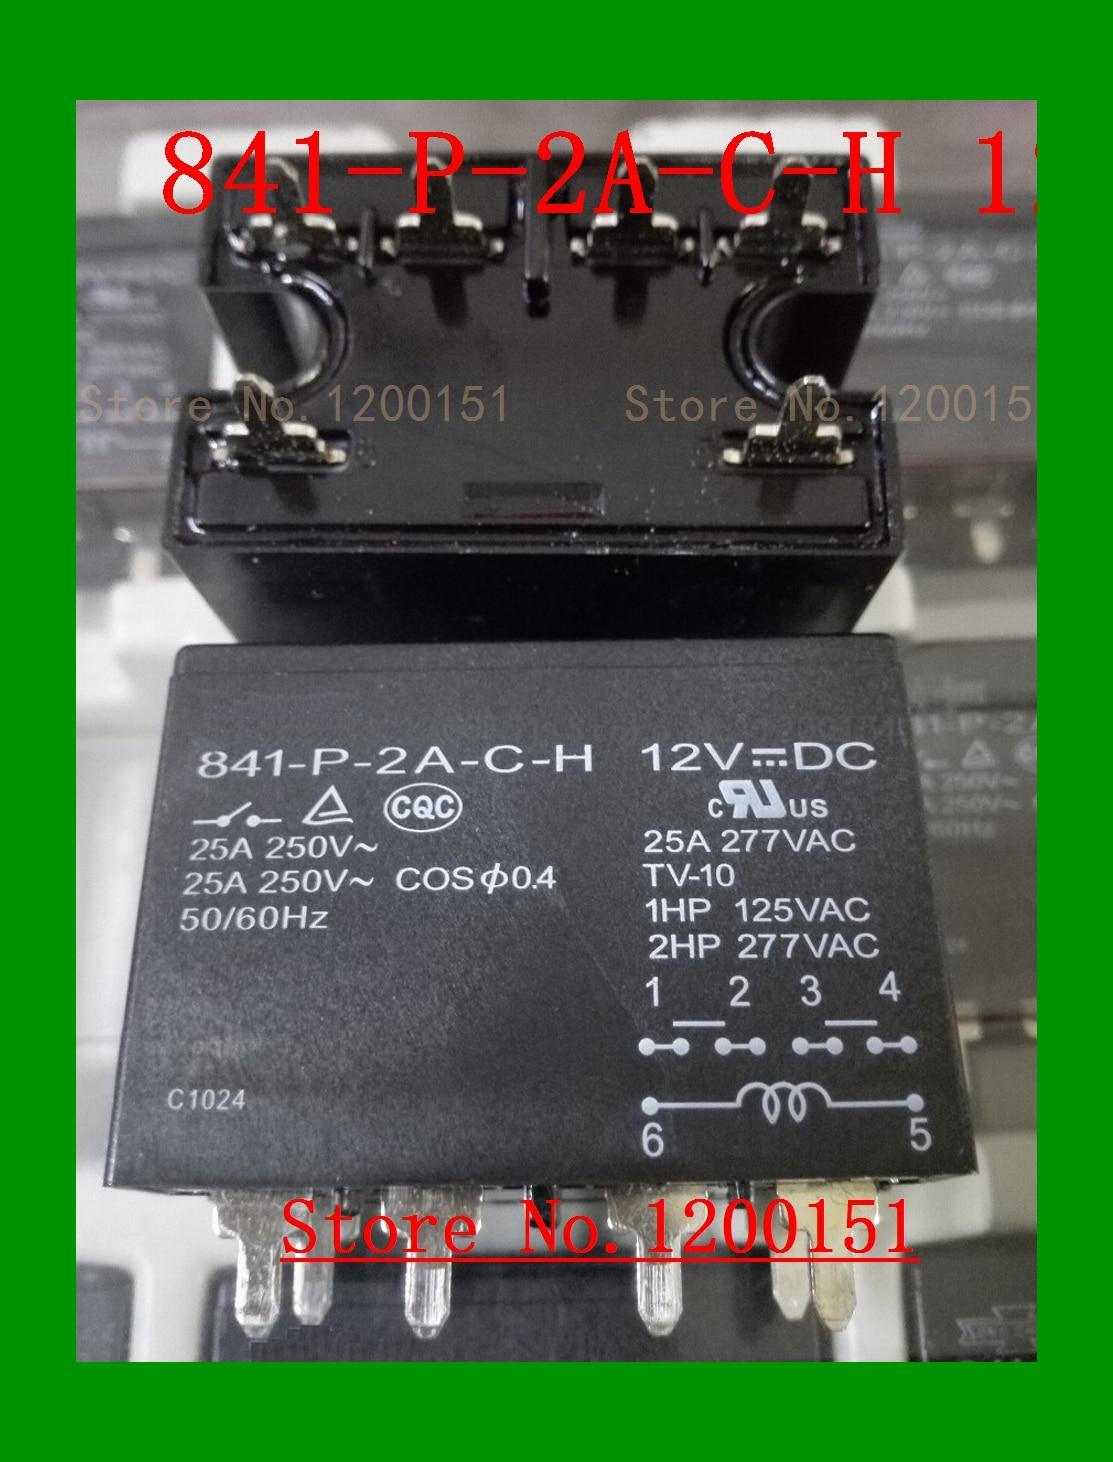 841-P-2A-C-H 12VDC 841-P-2A-F-C-H 12VDC 841-P-2A-B-C-H 24VDC JQX-116F-1 Relay DIP-6